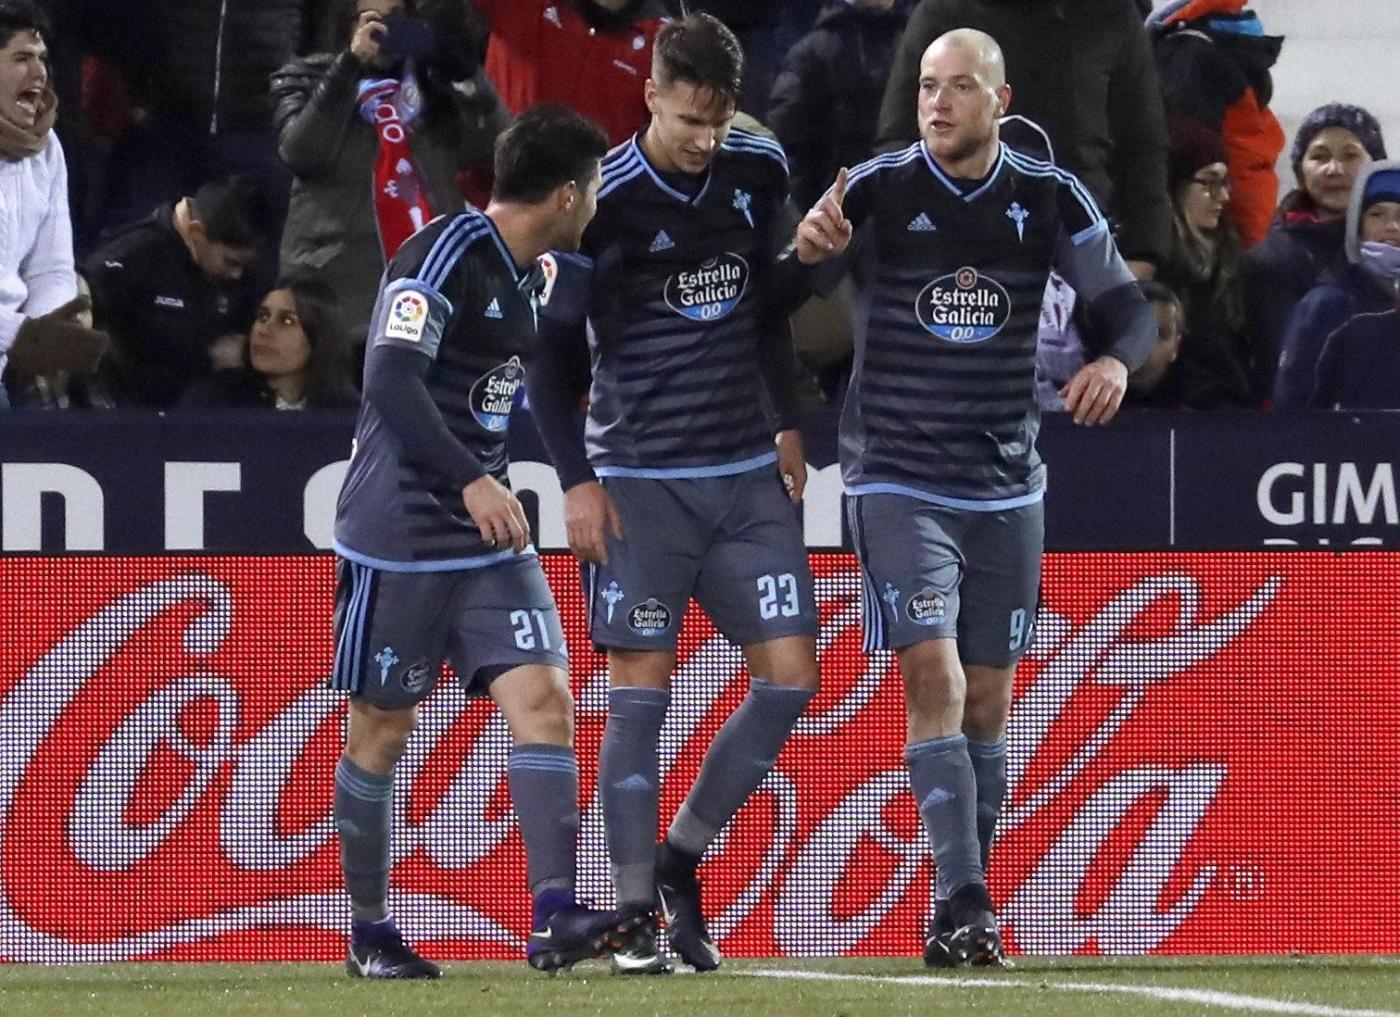 LaLiga, Celta Vigo-Rayo Vallecano sabato 18 maggio: analisi e pronostico della 38ma giornata del campionato spagnolo